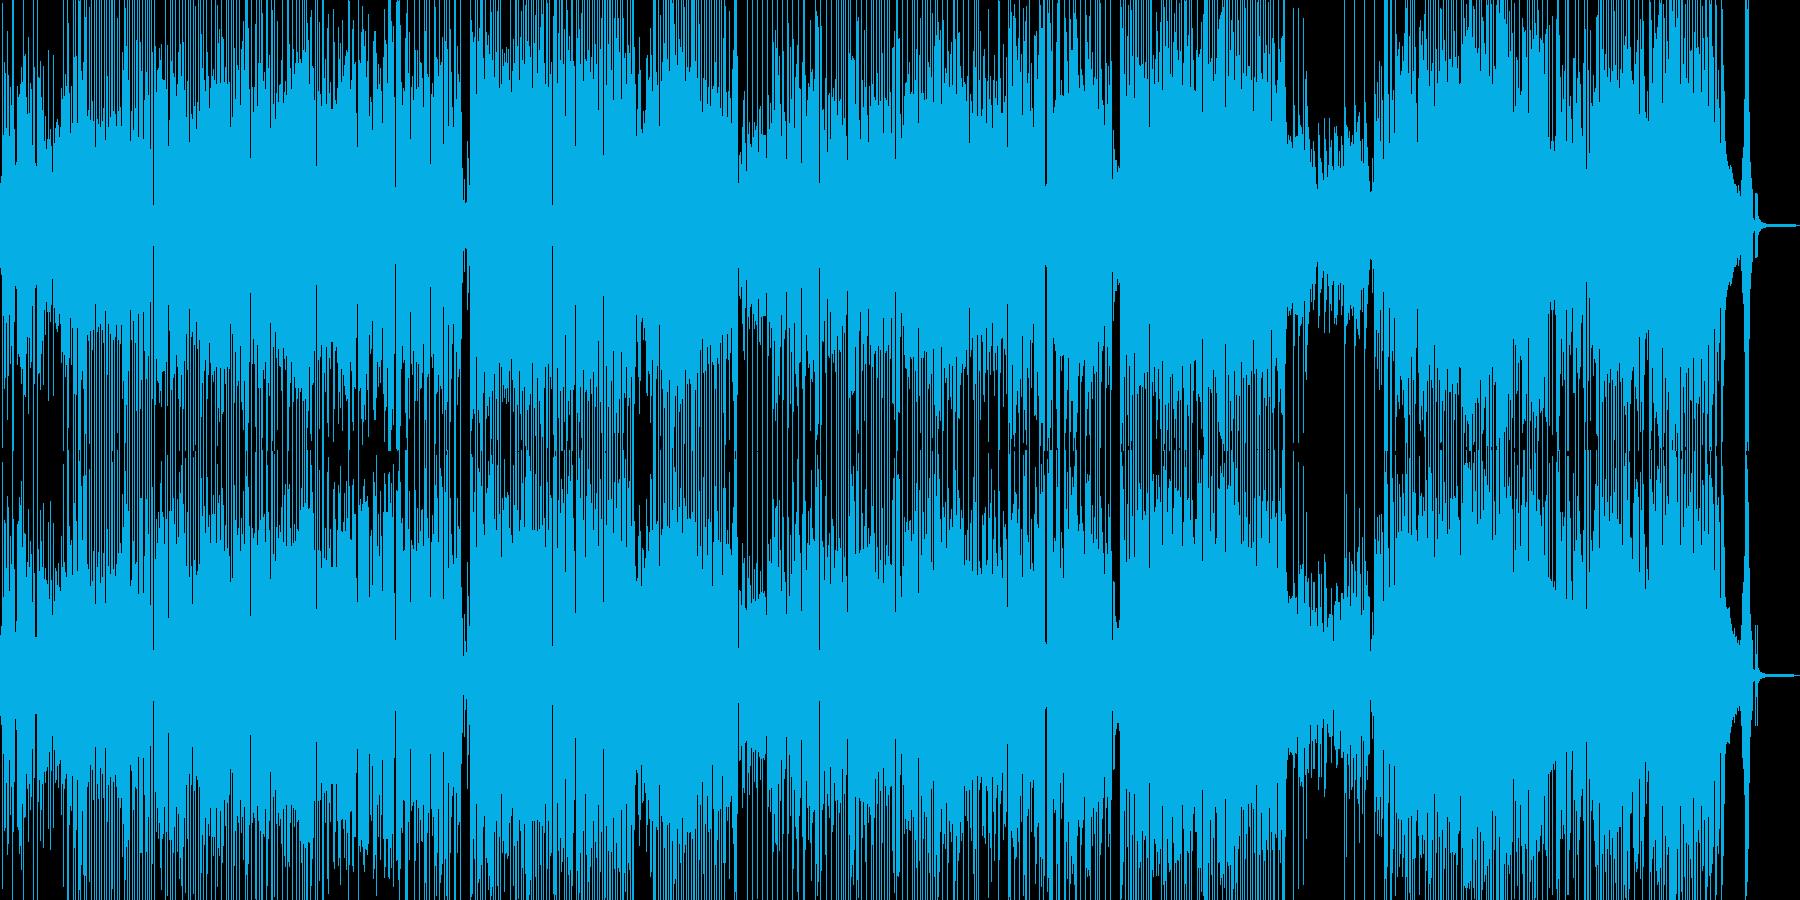 気分が晴れ晴れするハッピーなジャズ Aの再生済みの波形